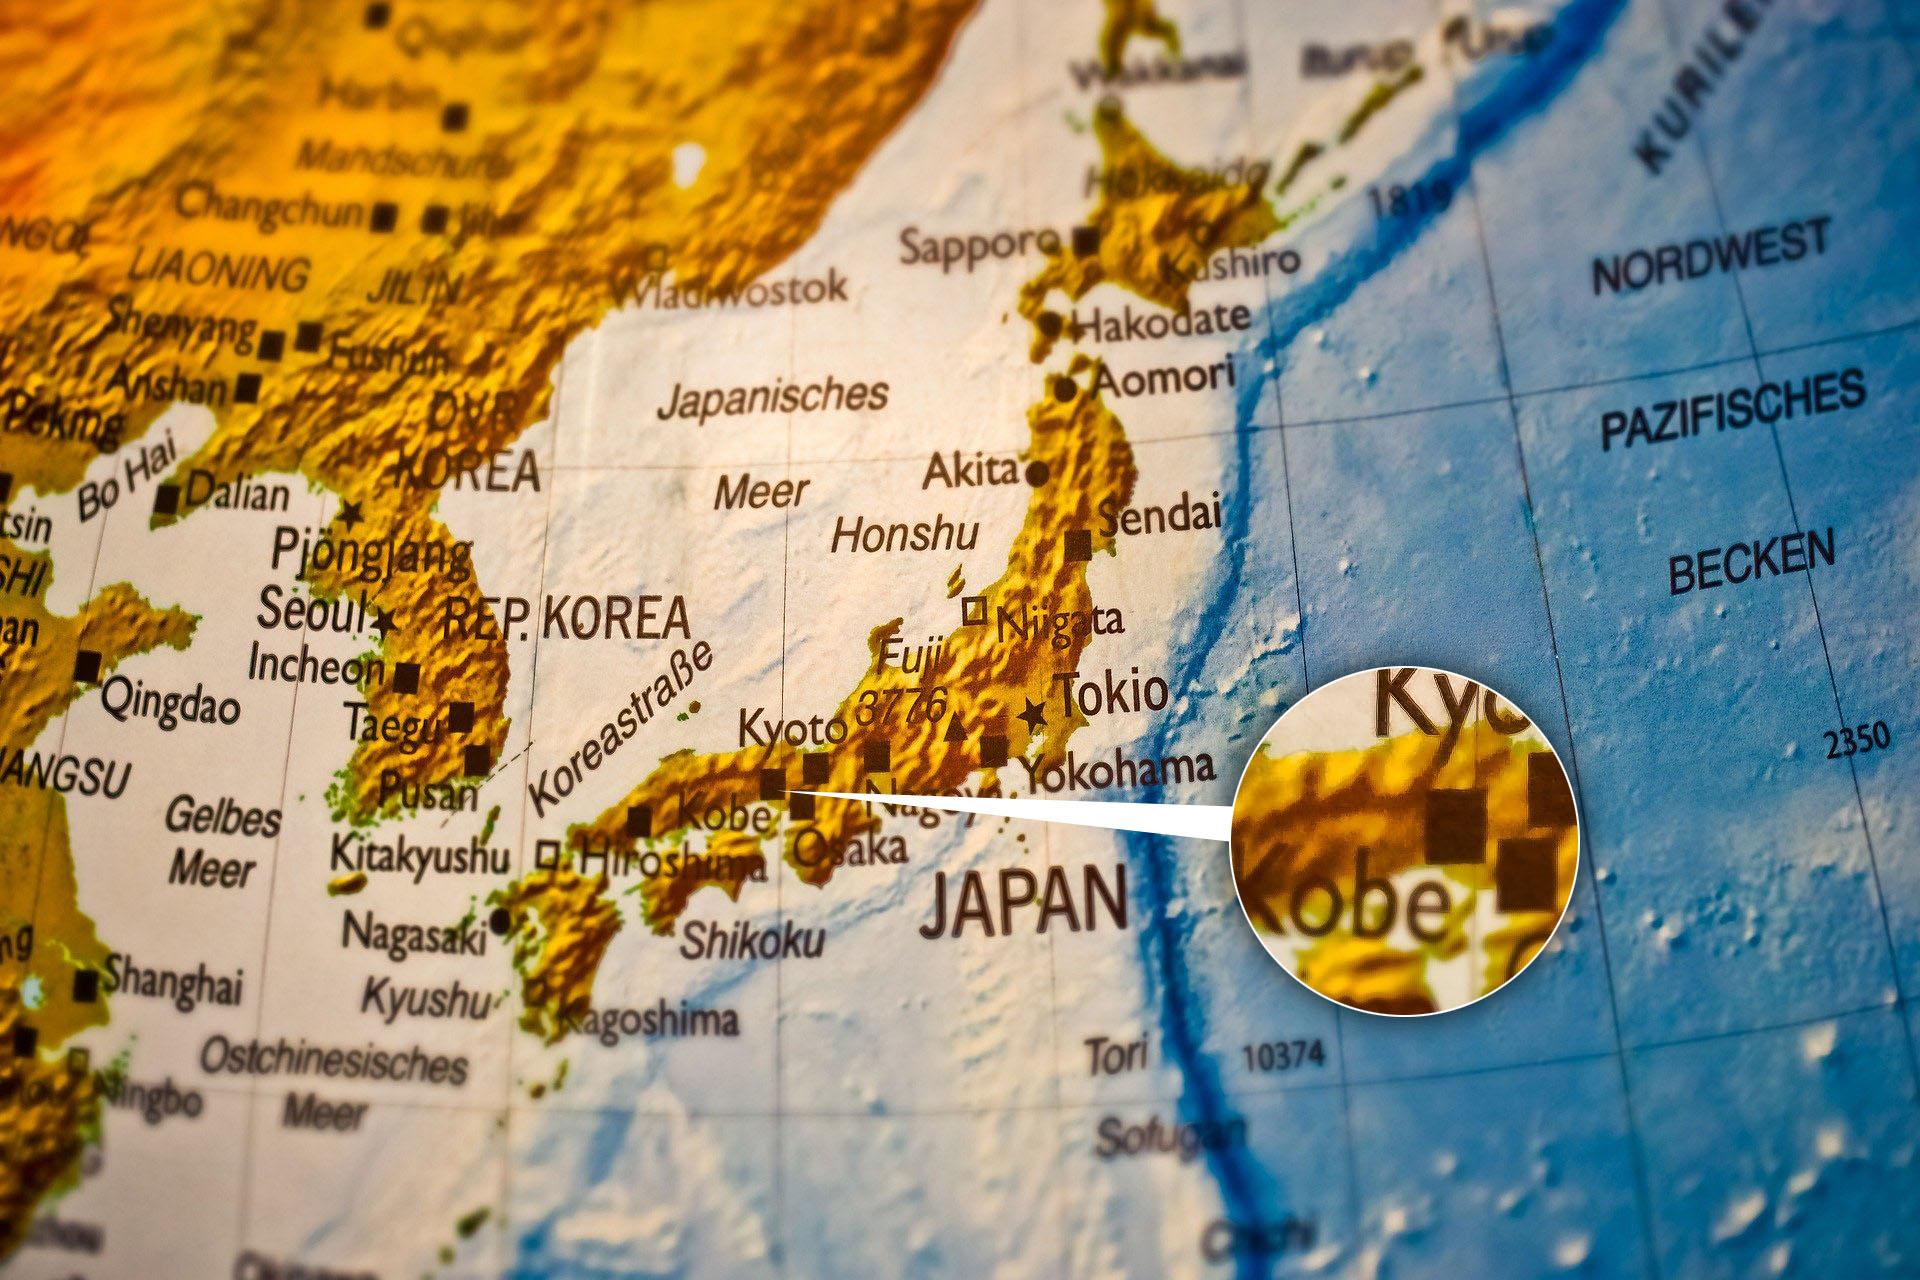 兵庫県 災害関連情報(新型コロナウイルス 兵庫 県内の感染確認 )